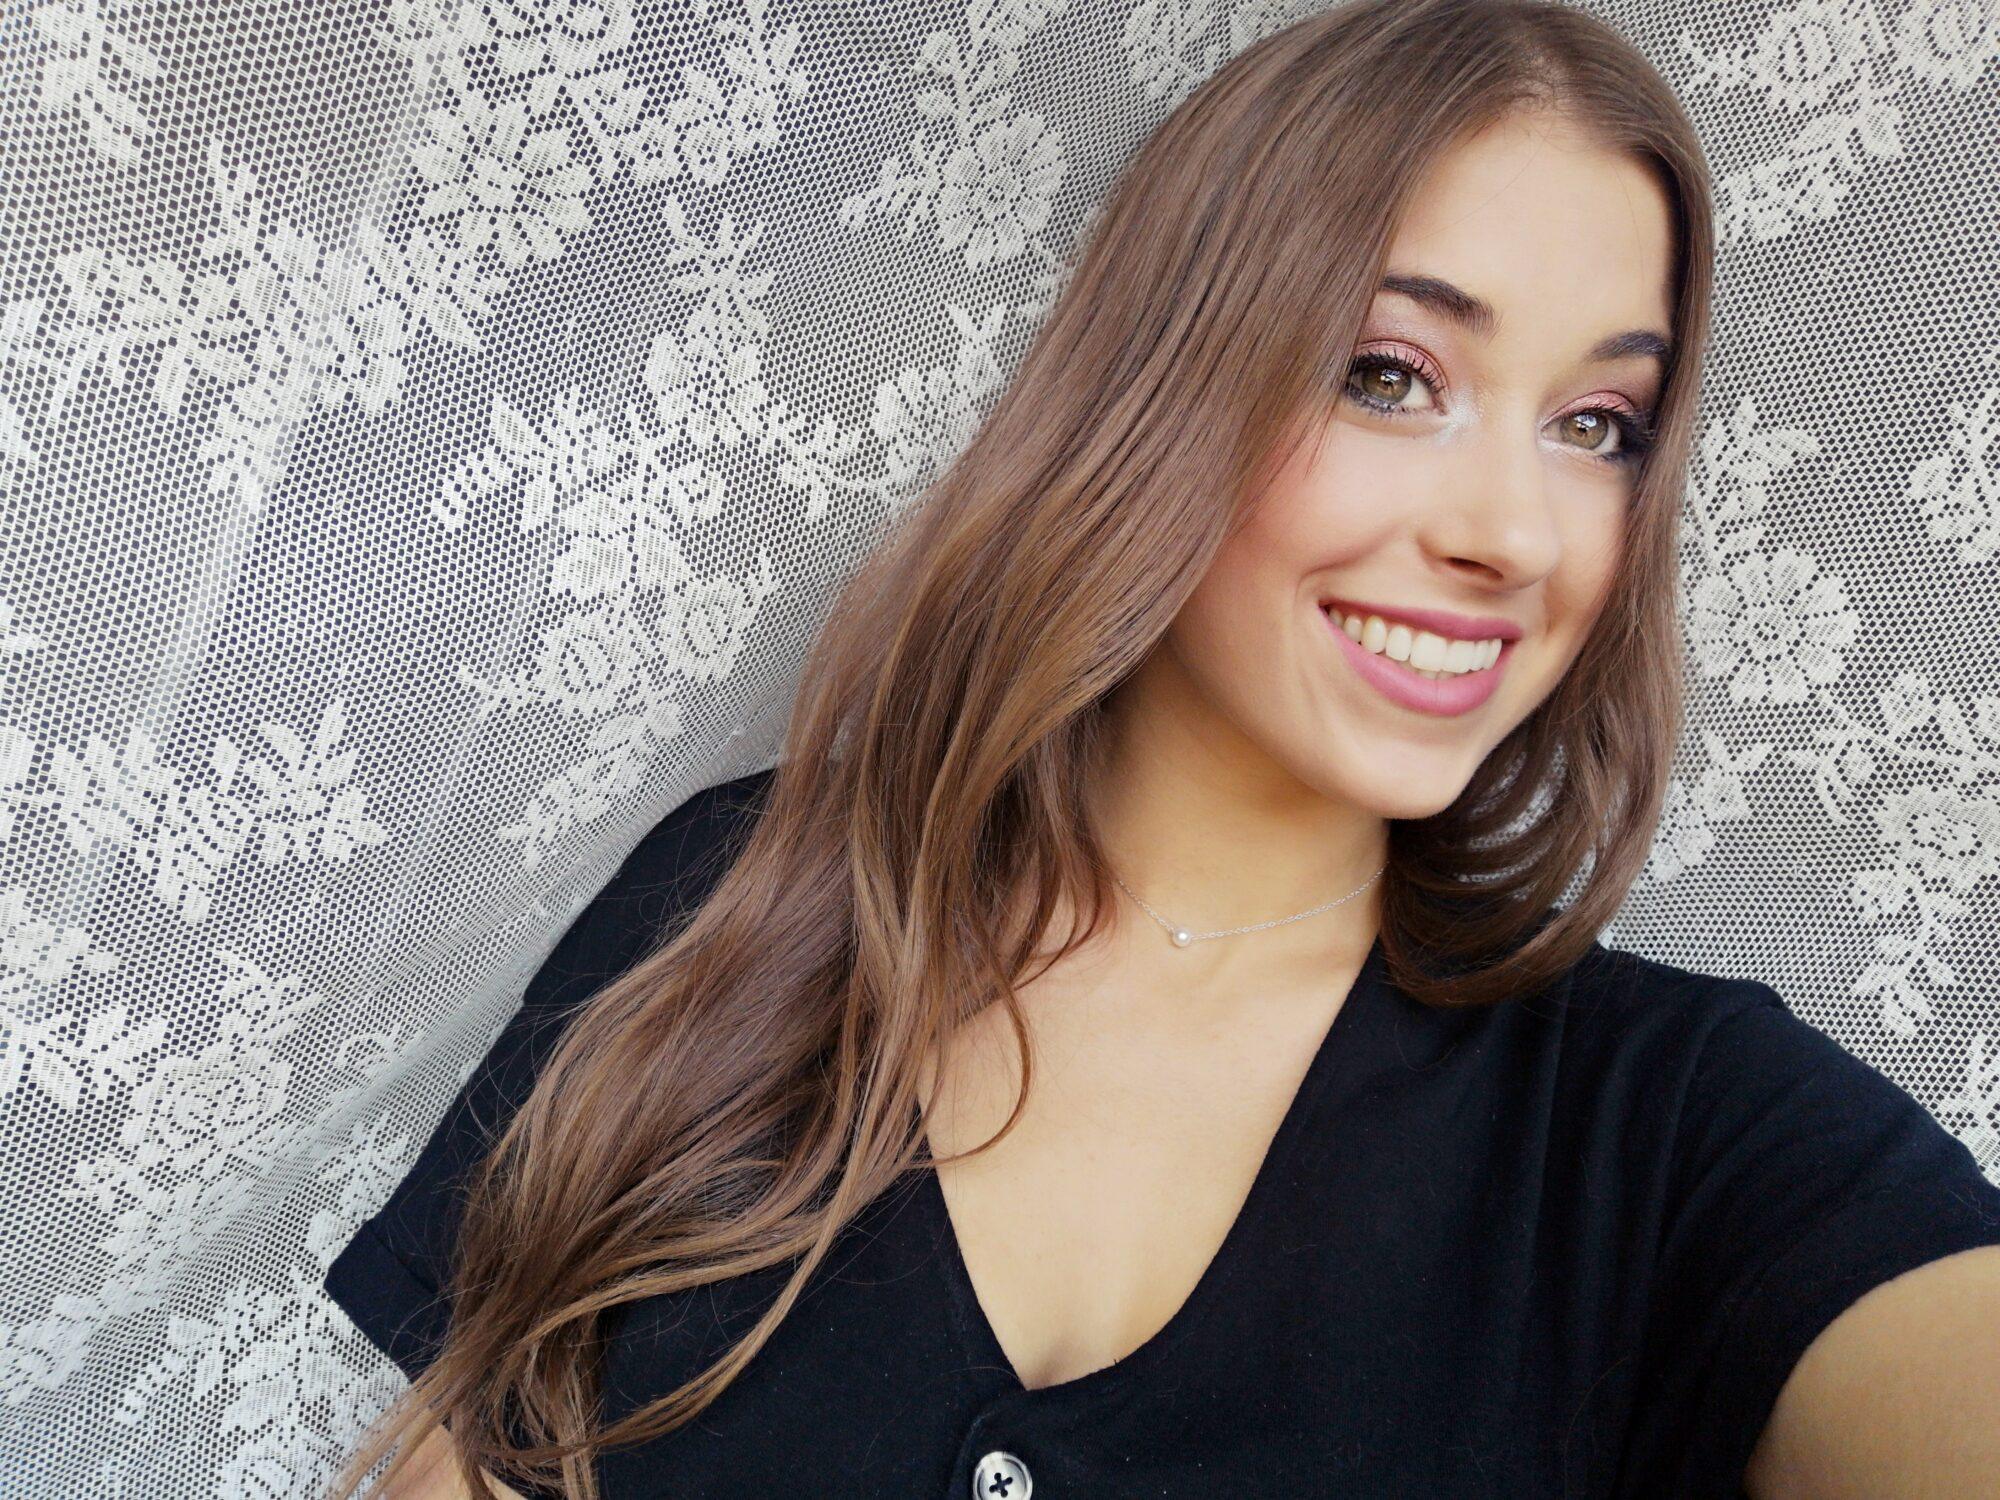 Lena Hüdepohl